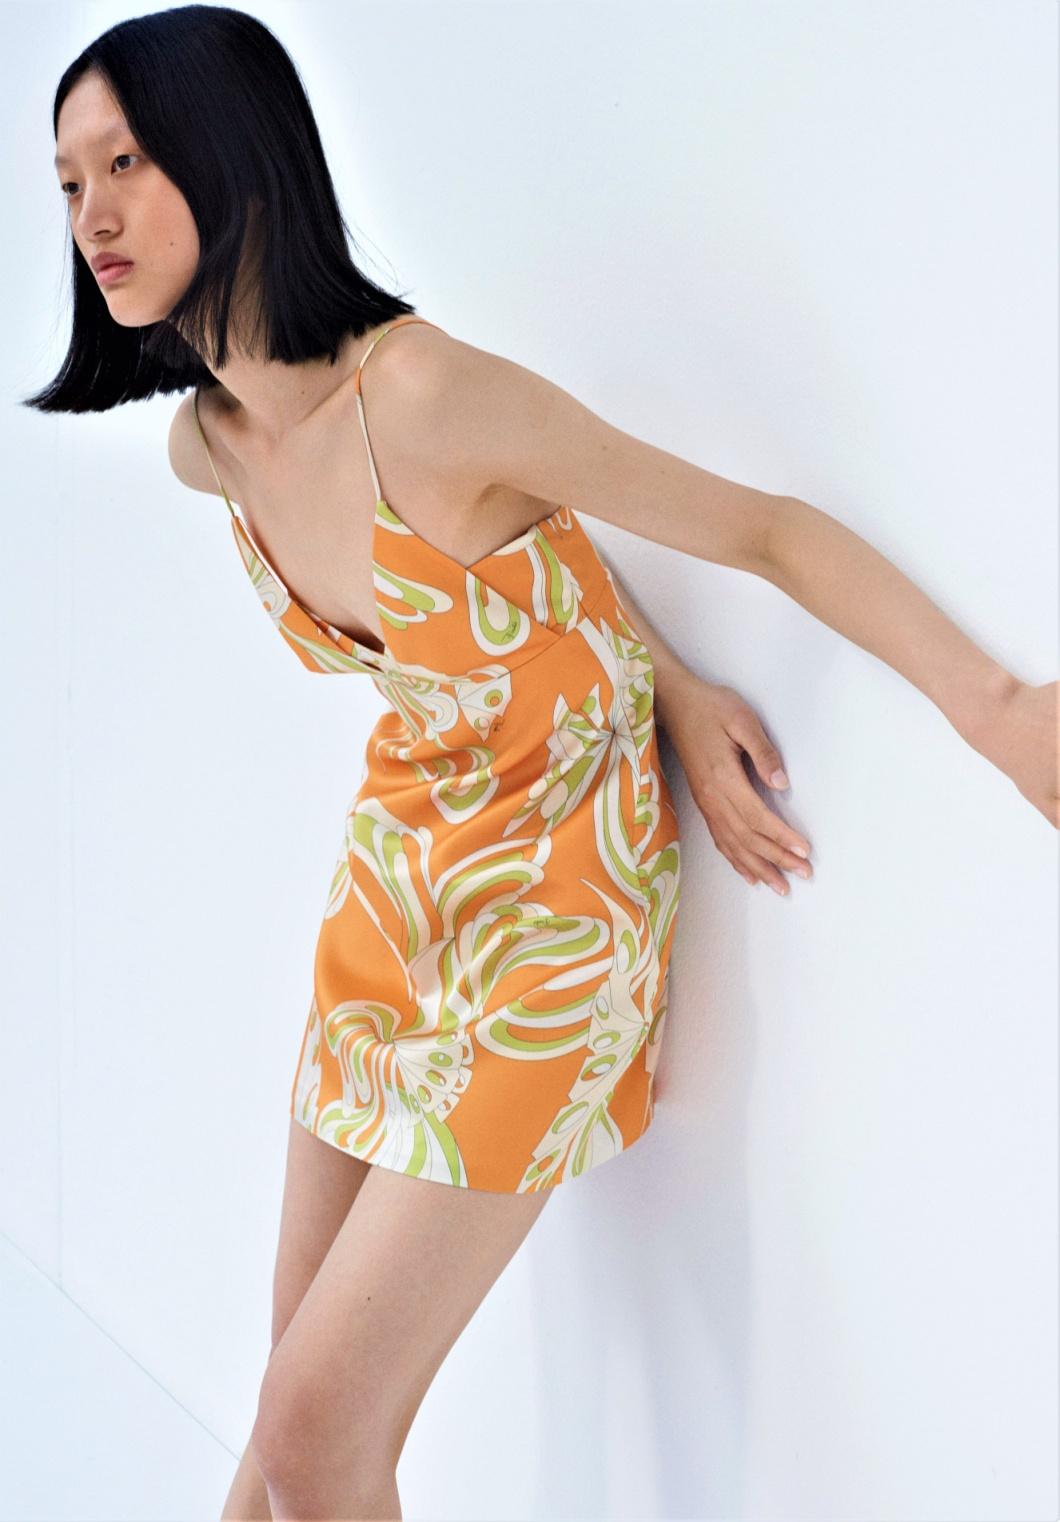 00022-Emilio-Pucci-Resort-2022-MIlan-credit-brand pucci dress vogue resort 22 cropped.jpg